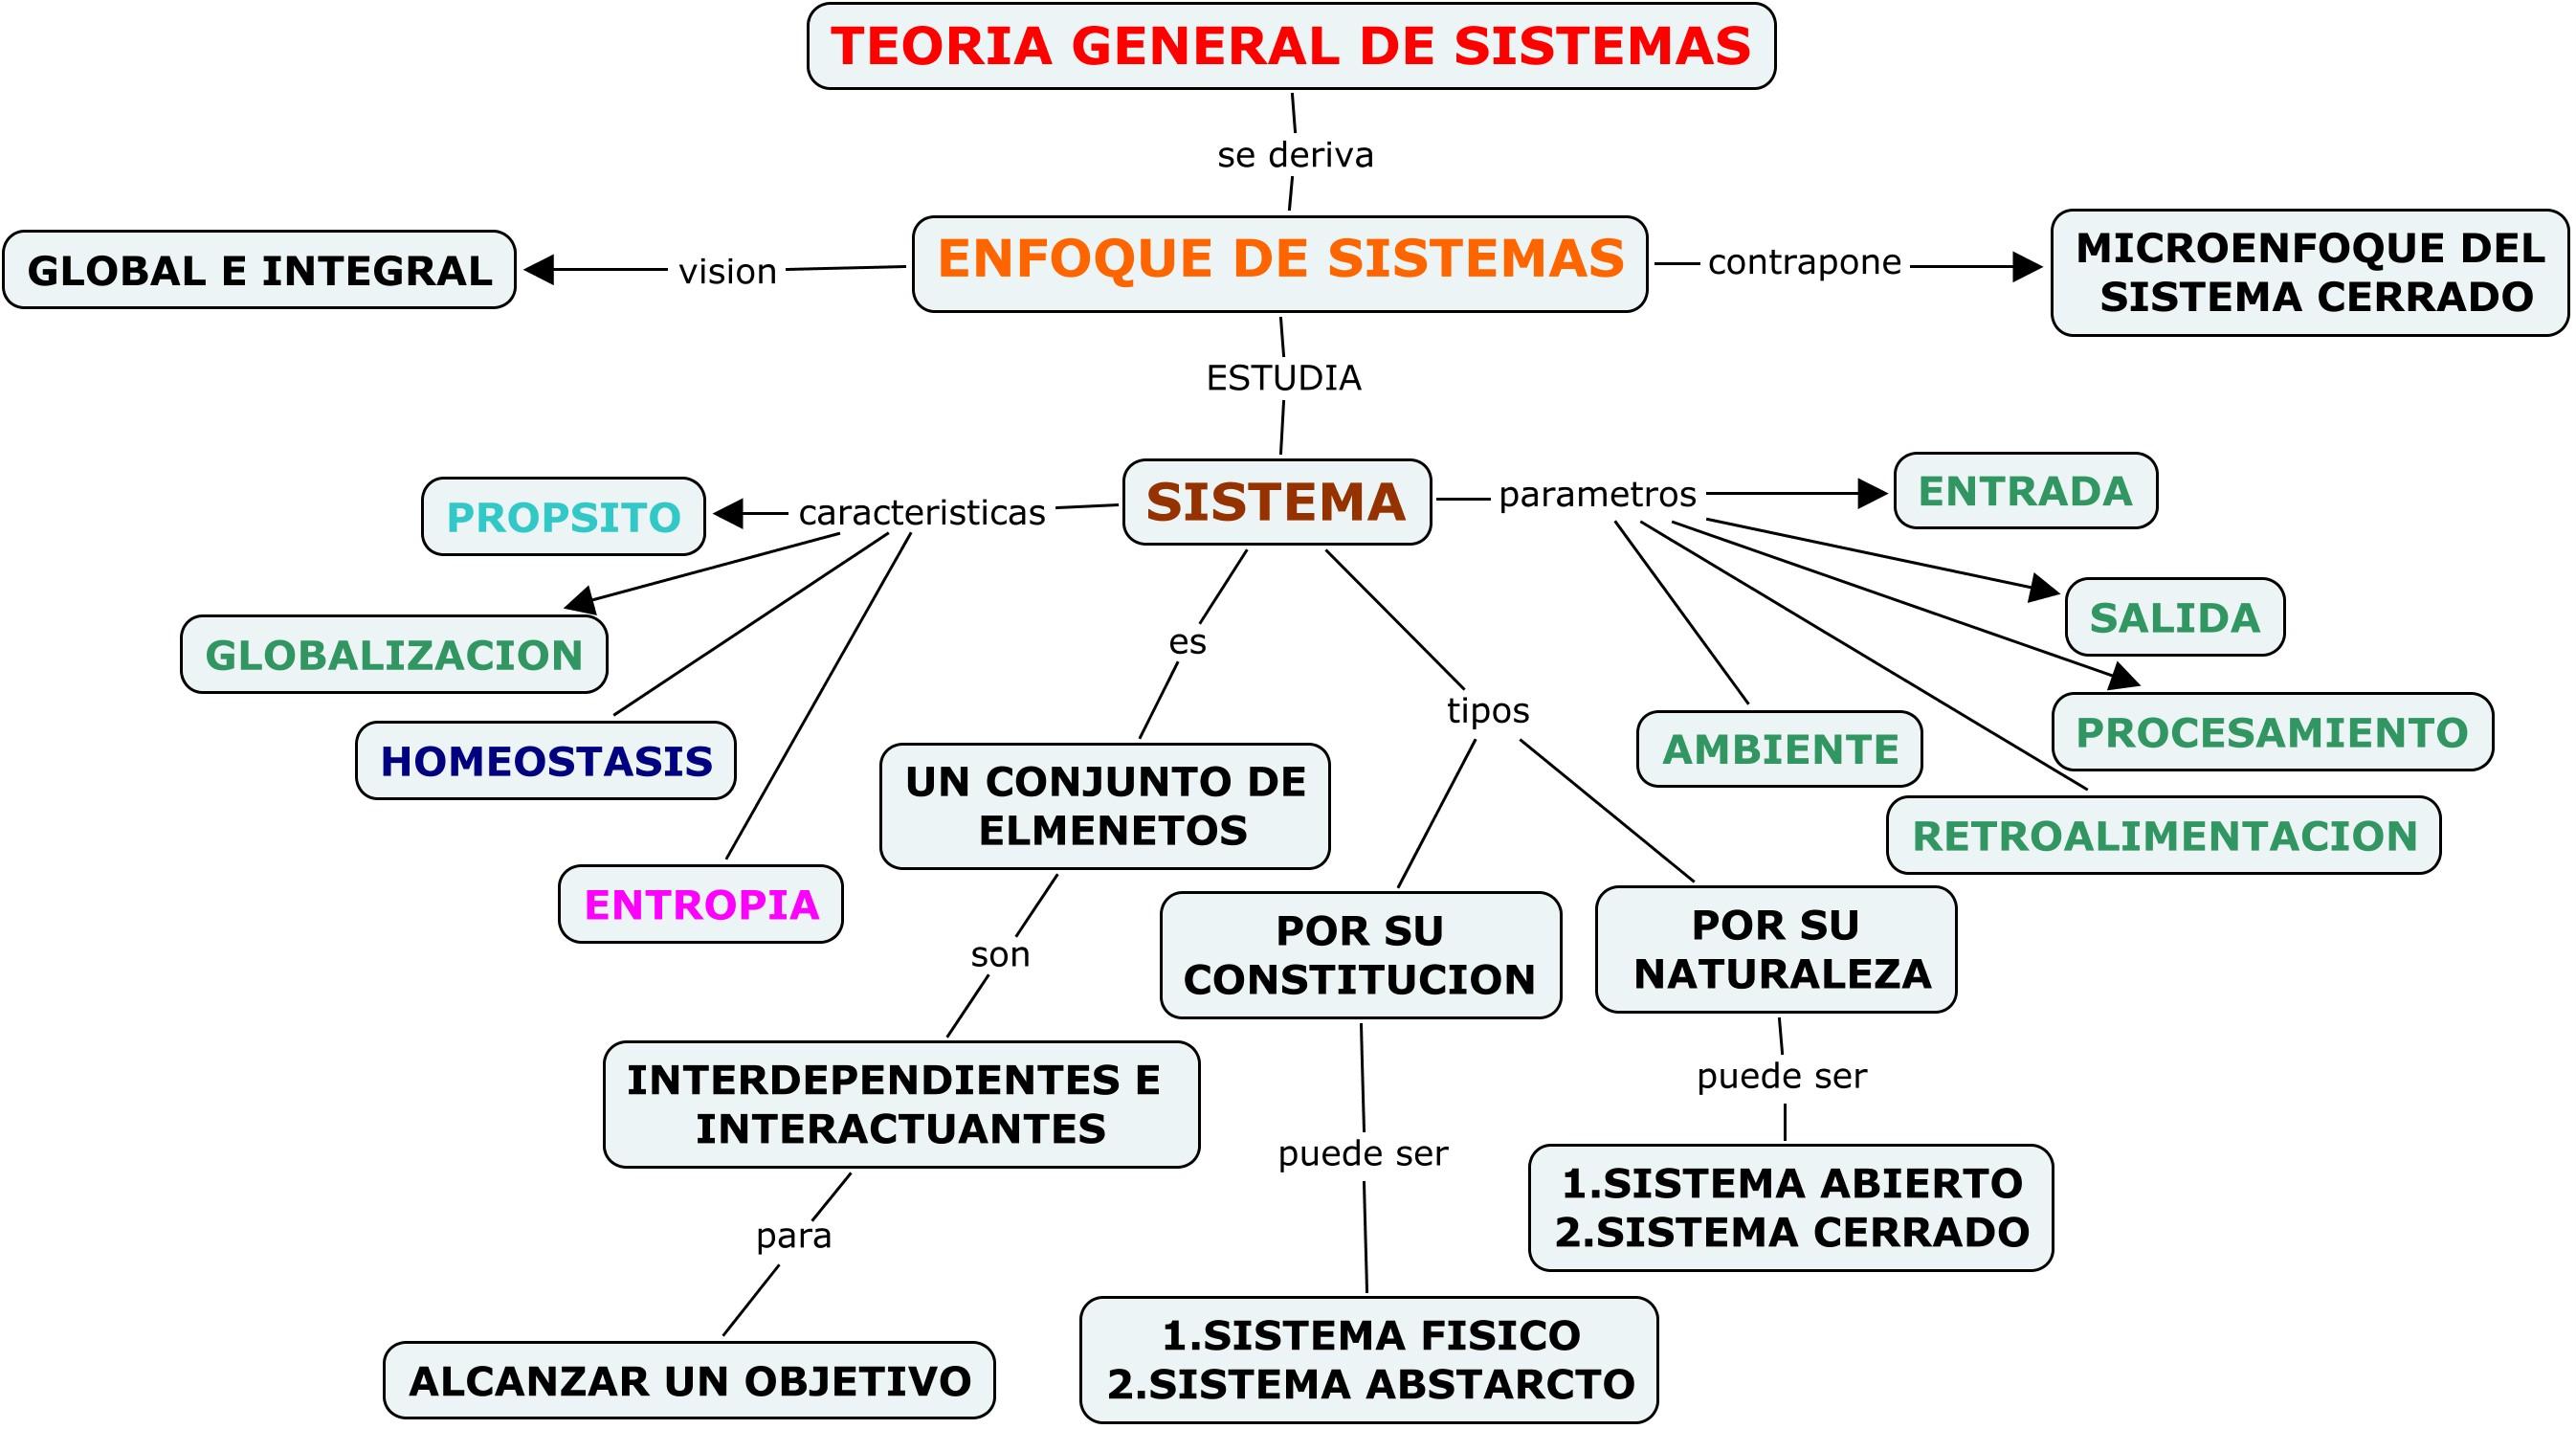 Análisis conceptual de la teoría general de sistemas (TGS) | El Saber 21